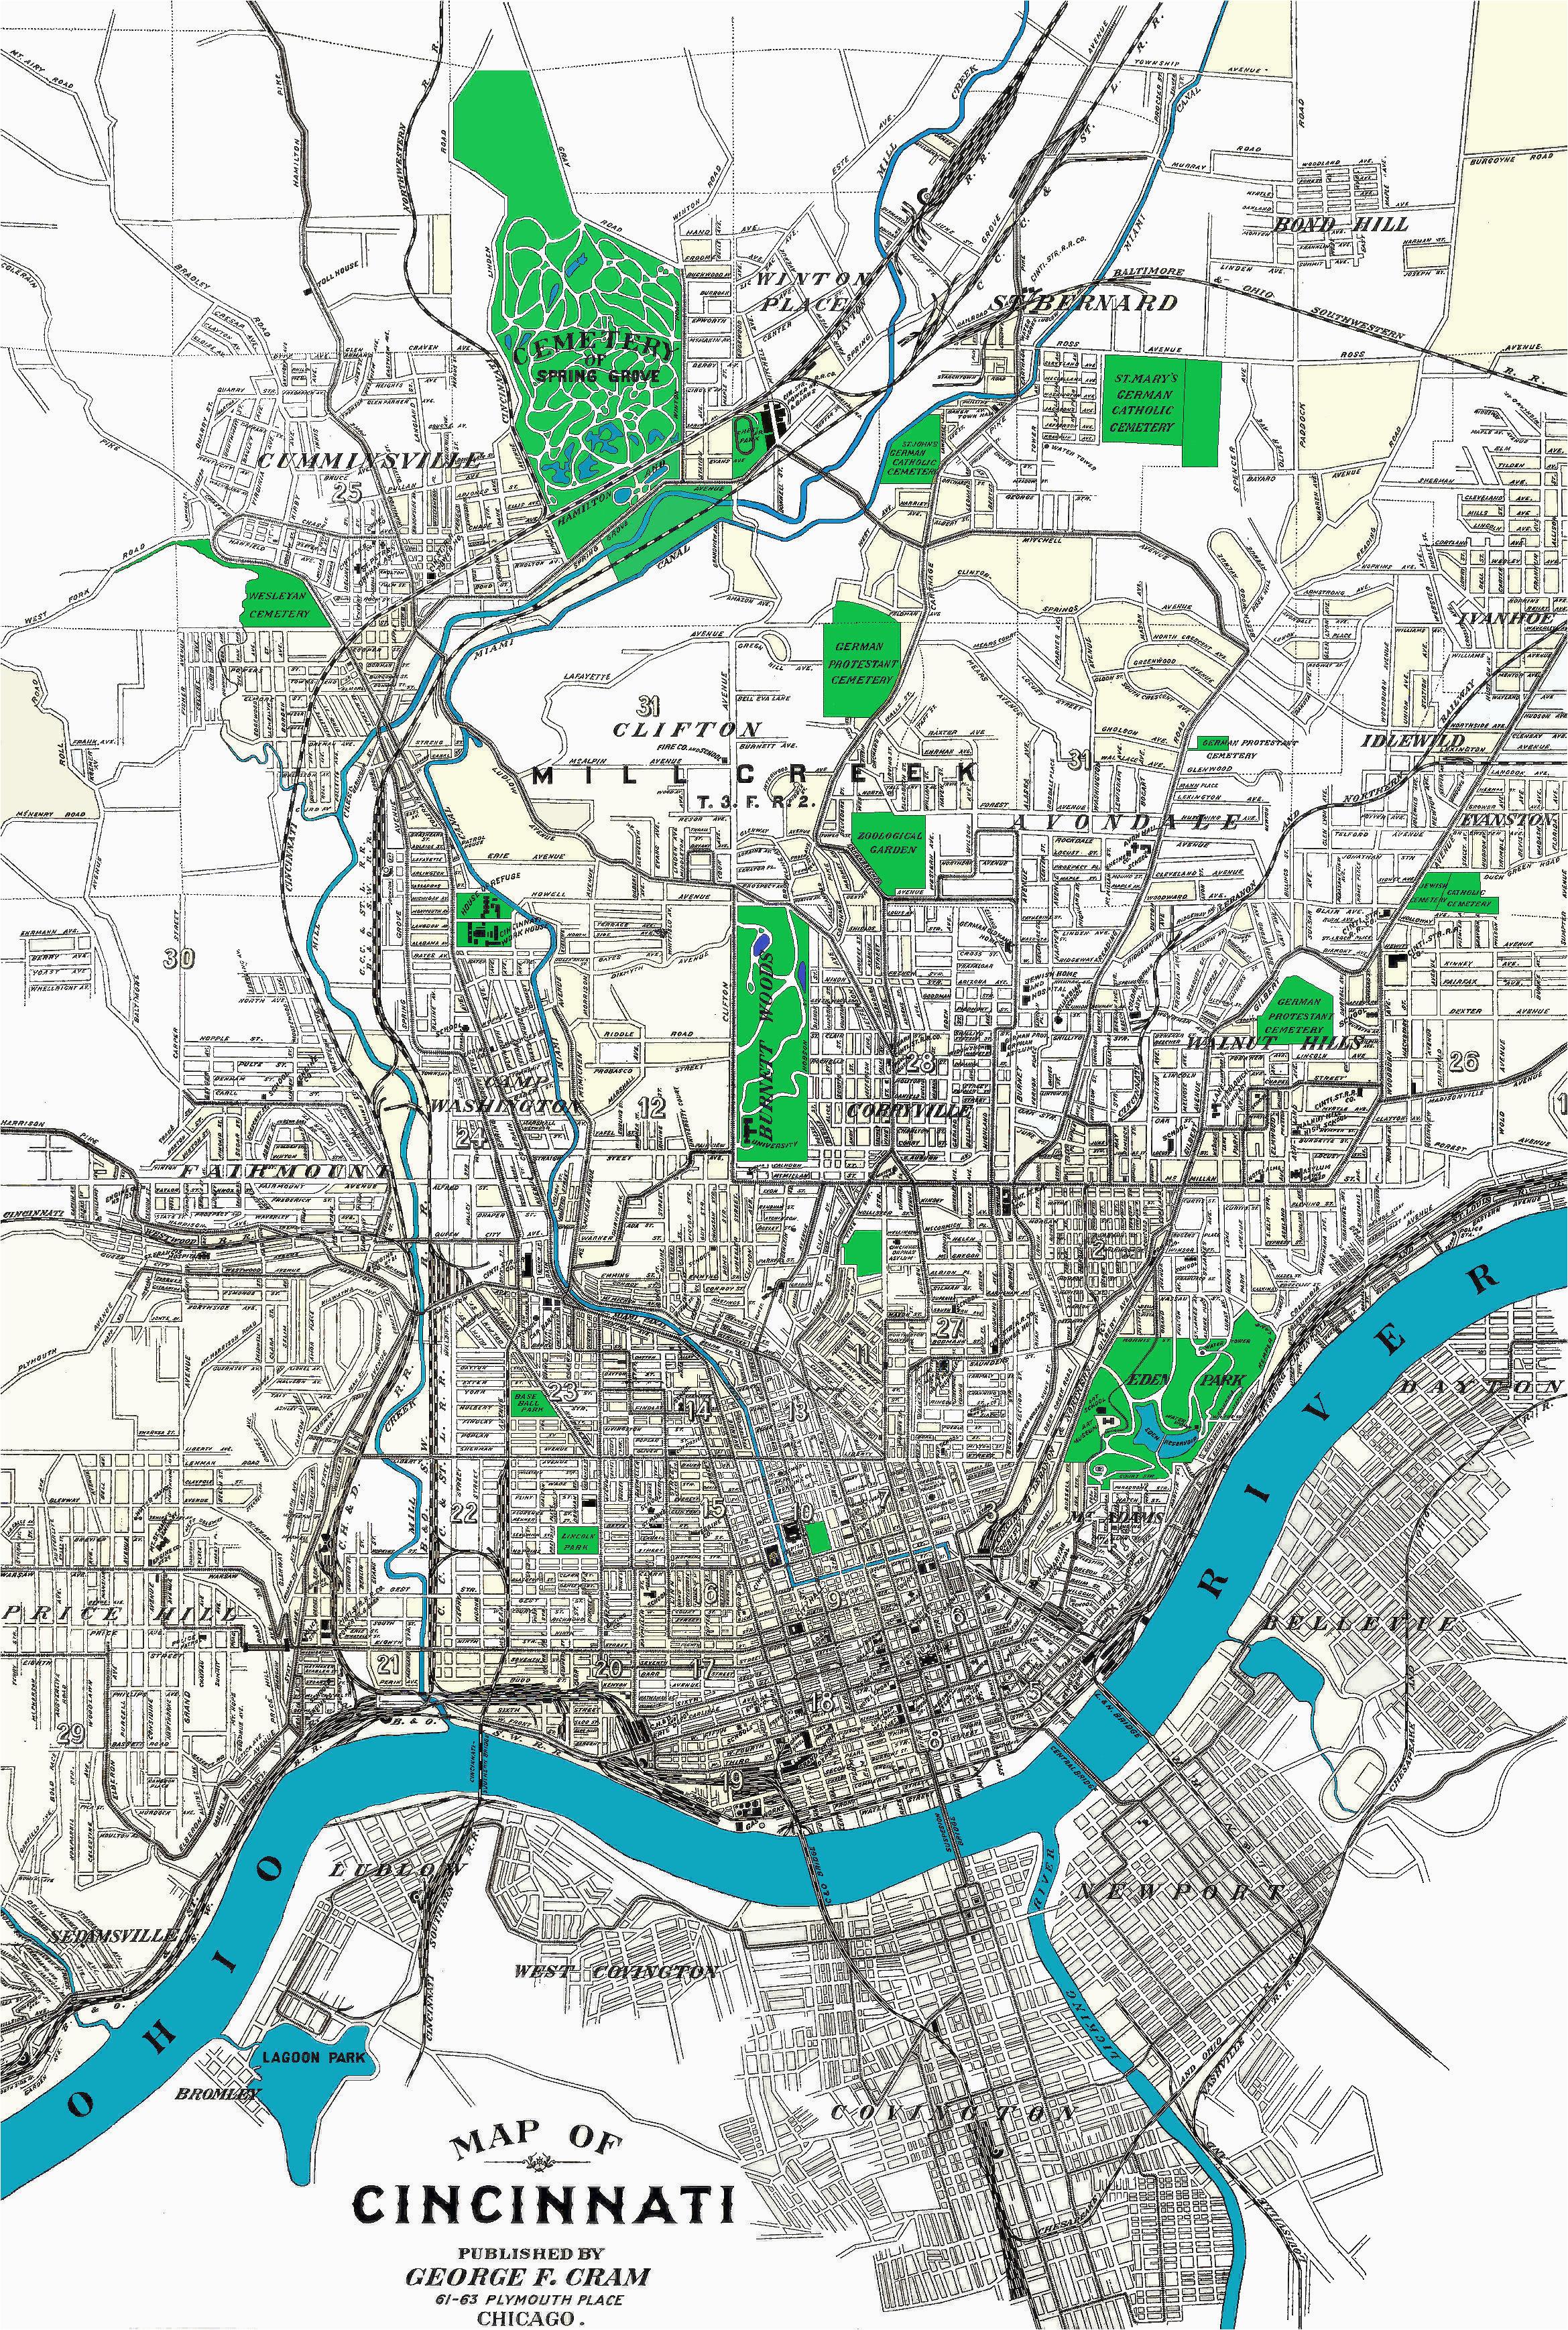 Cincinnati Ohio On A Map | secretmuseum on